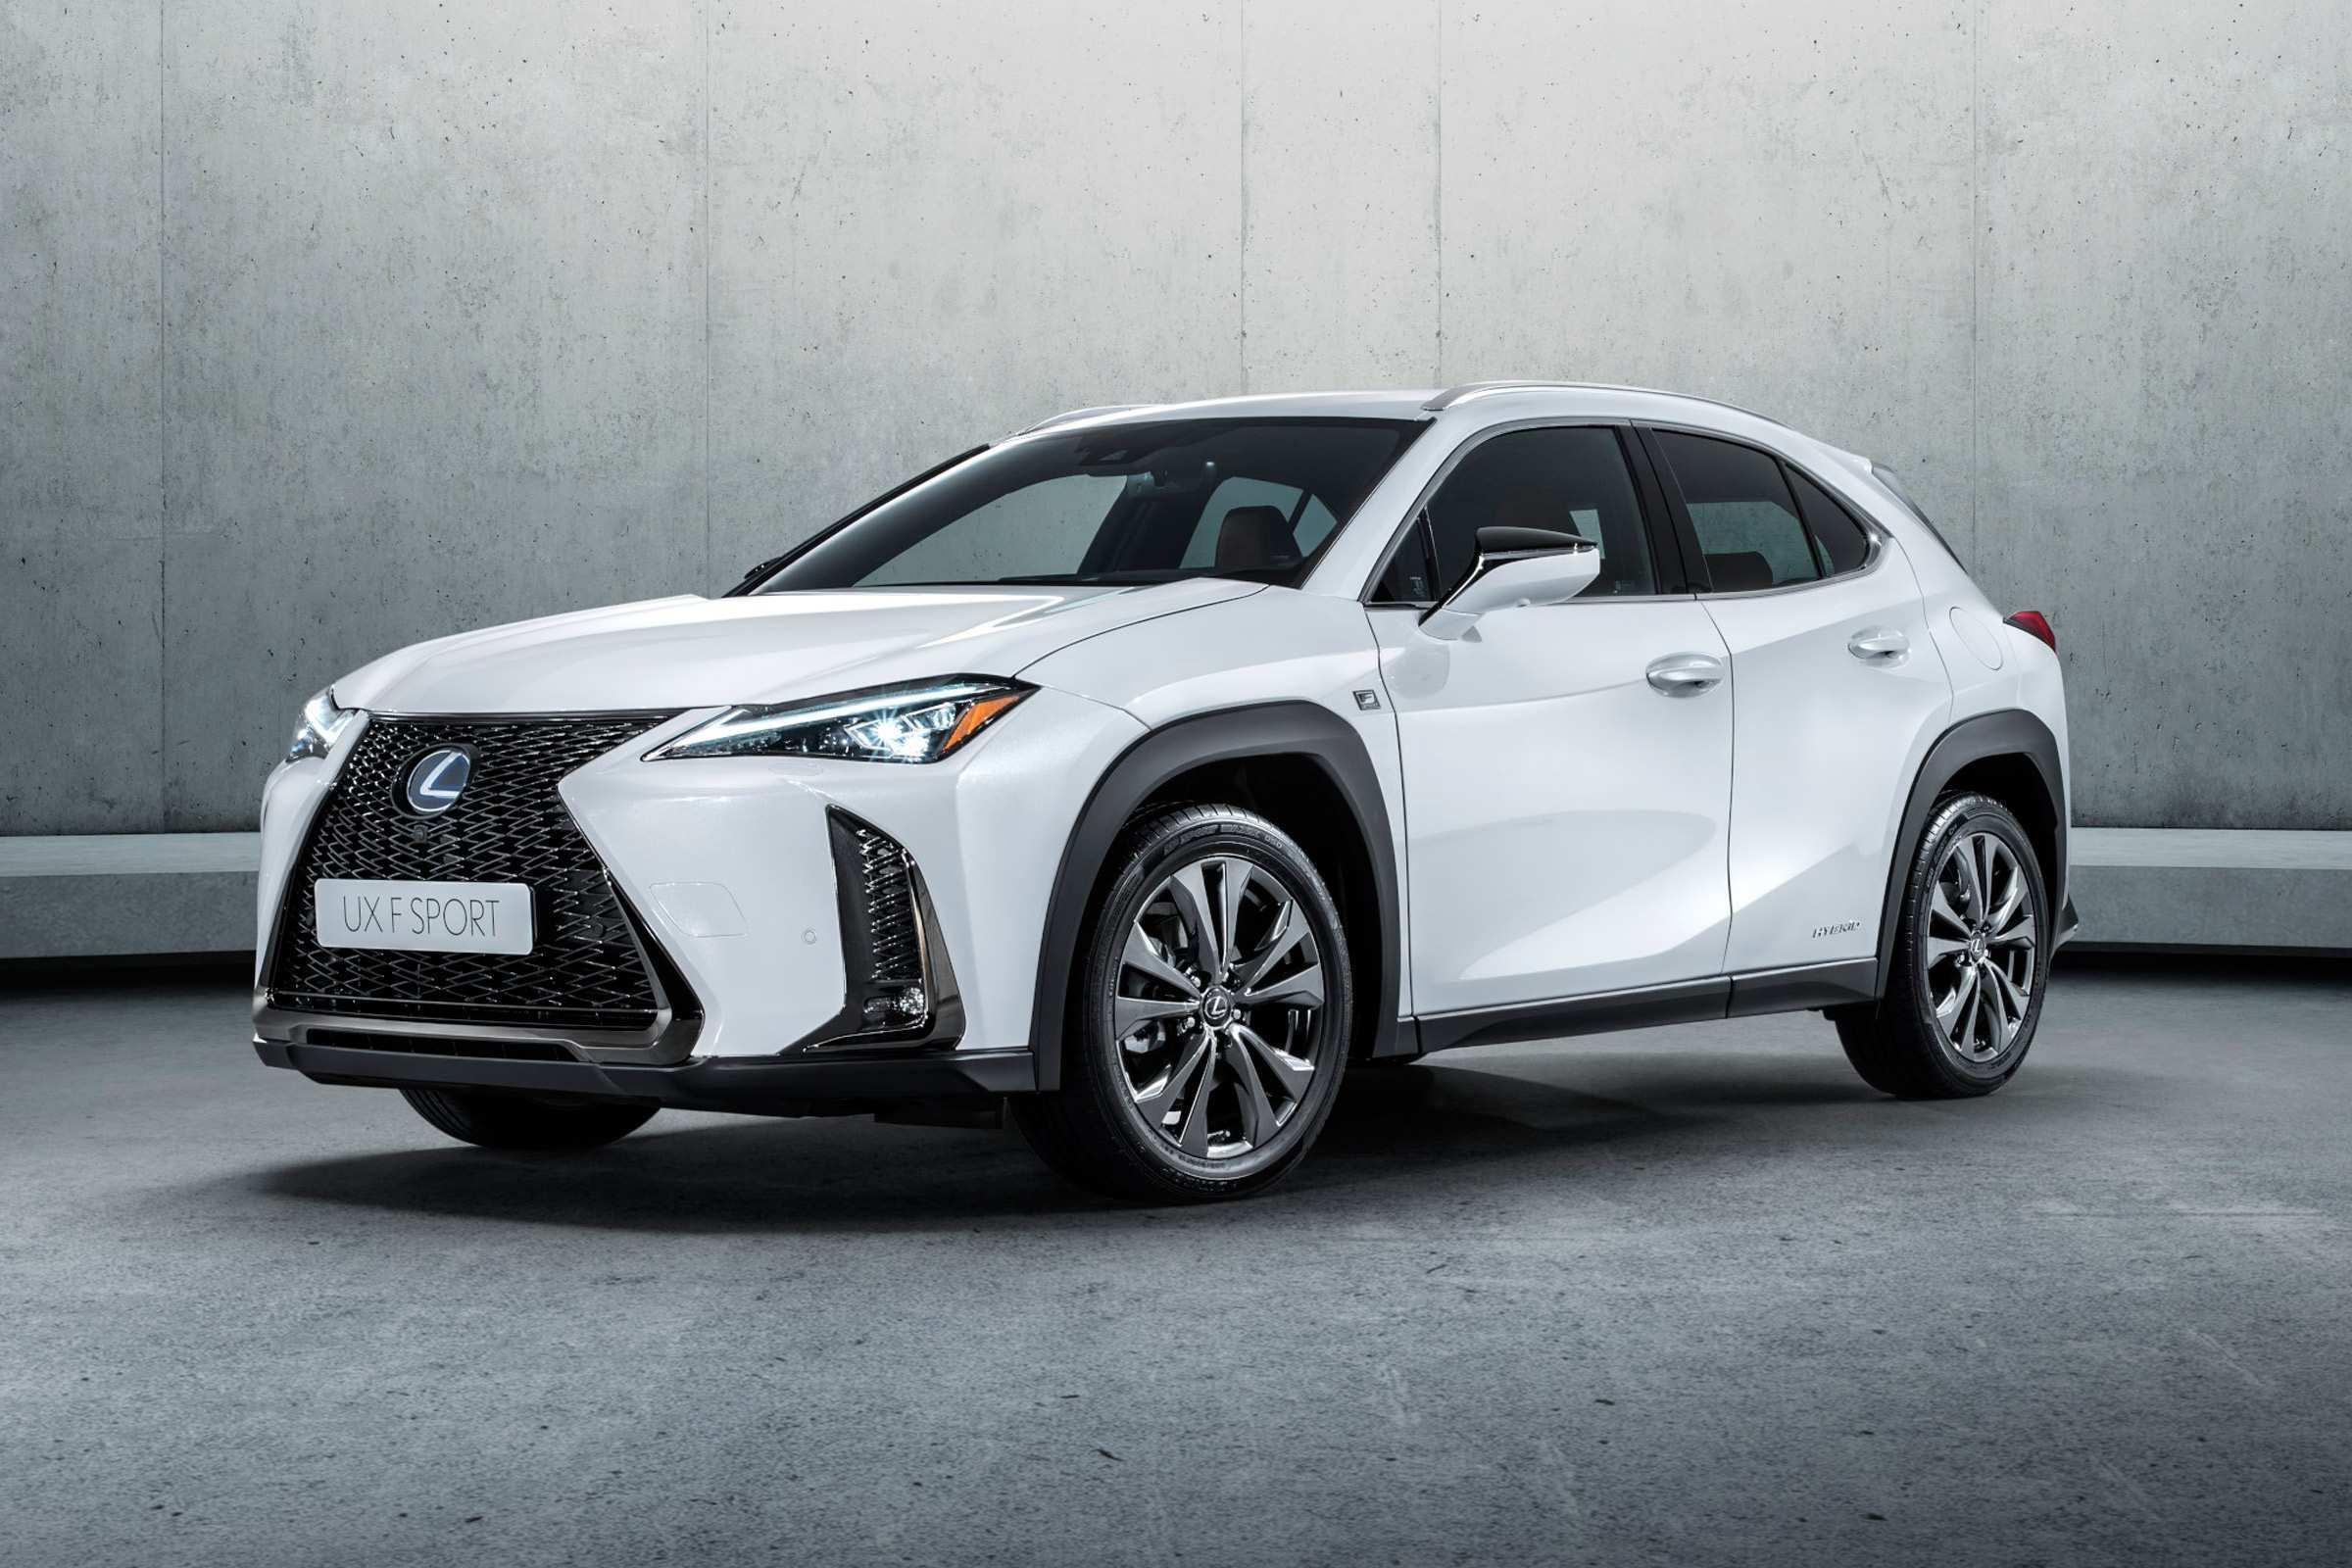 21 New Lexus Ux 2019 Price Pictures by Lexus Ux 2019 Price